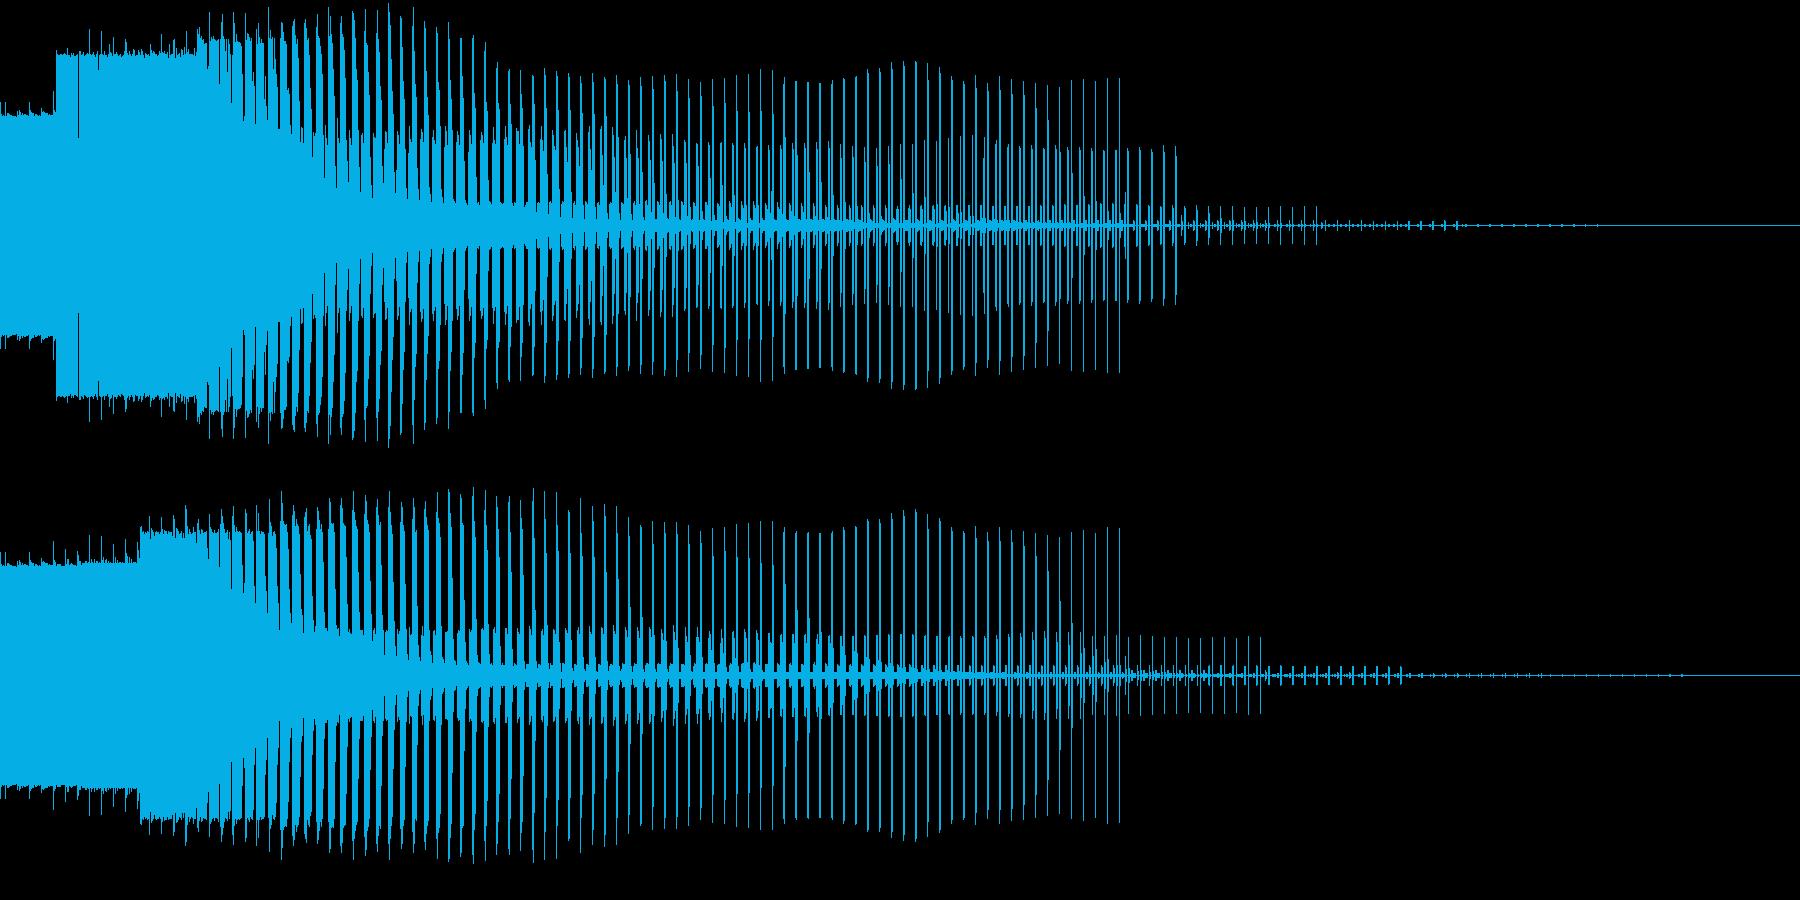 エネルギーがドンドン貯まっていくときの音の再生済みの波形